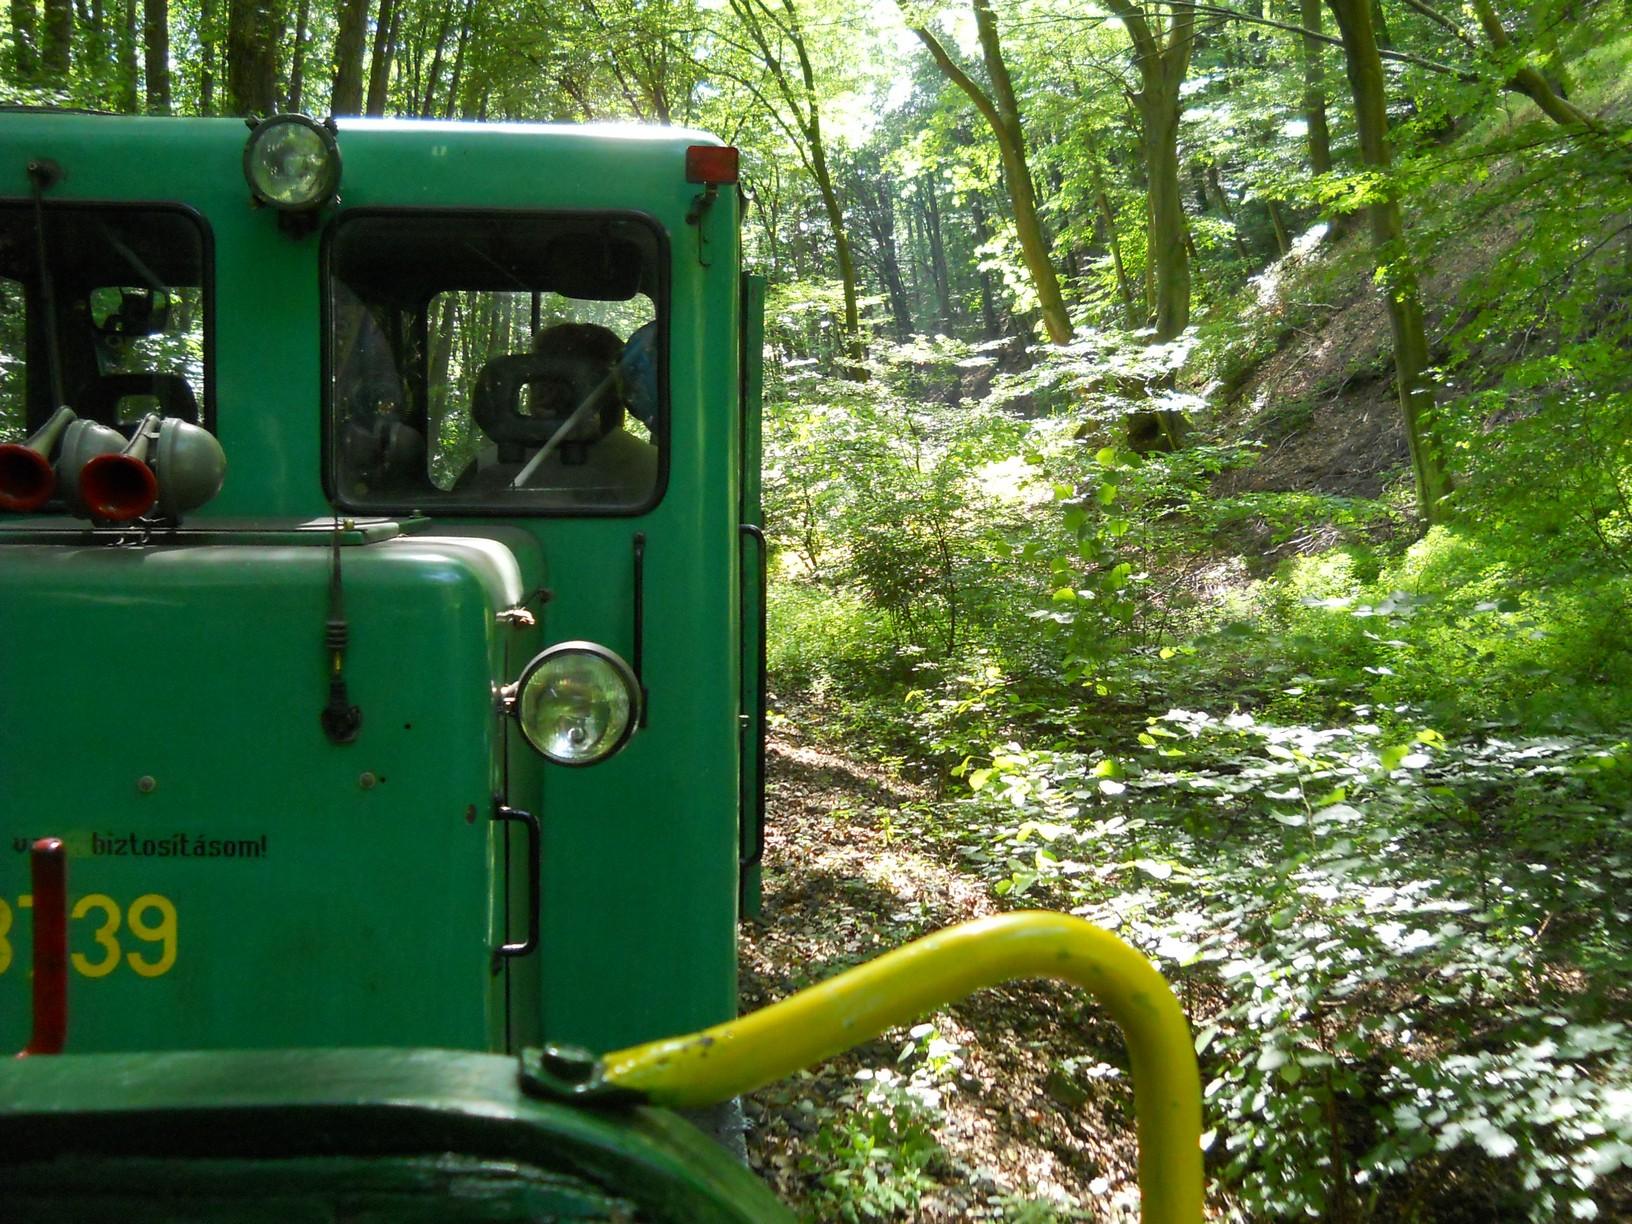 Az idén 105 éves kisvasút alapvetően erdészeti célból épült 1908-ban. Személyszállítás már 1969-től zajlott, de 1992-ben megszűnt a vonalon. 1996-ban a térség önkormányzatai közalapítványt hoztak létre a kisvasút megmentésére. 1998-ban a nagybörzsönyi önkormányzat kezelésébe került, és kitartó munka árán 2002-ben újraindult a forgalom. Érdekesség, hogy a Kisirtás–Nagyirtás csúcsfordítós vonalszakaszt 1999-ben ipari műemlékké nyilvánították